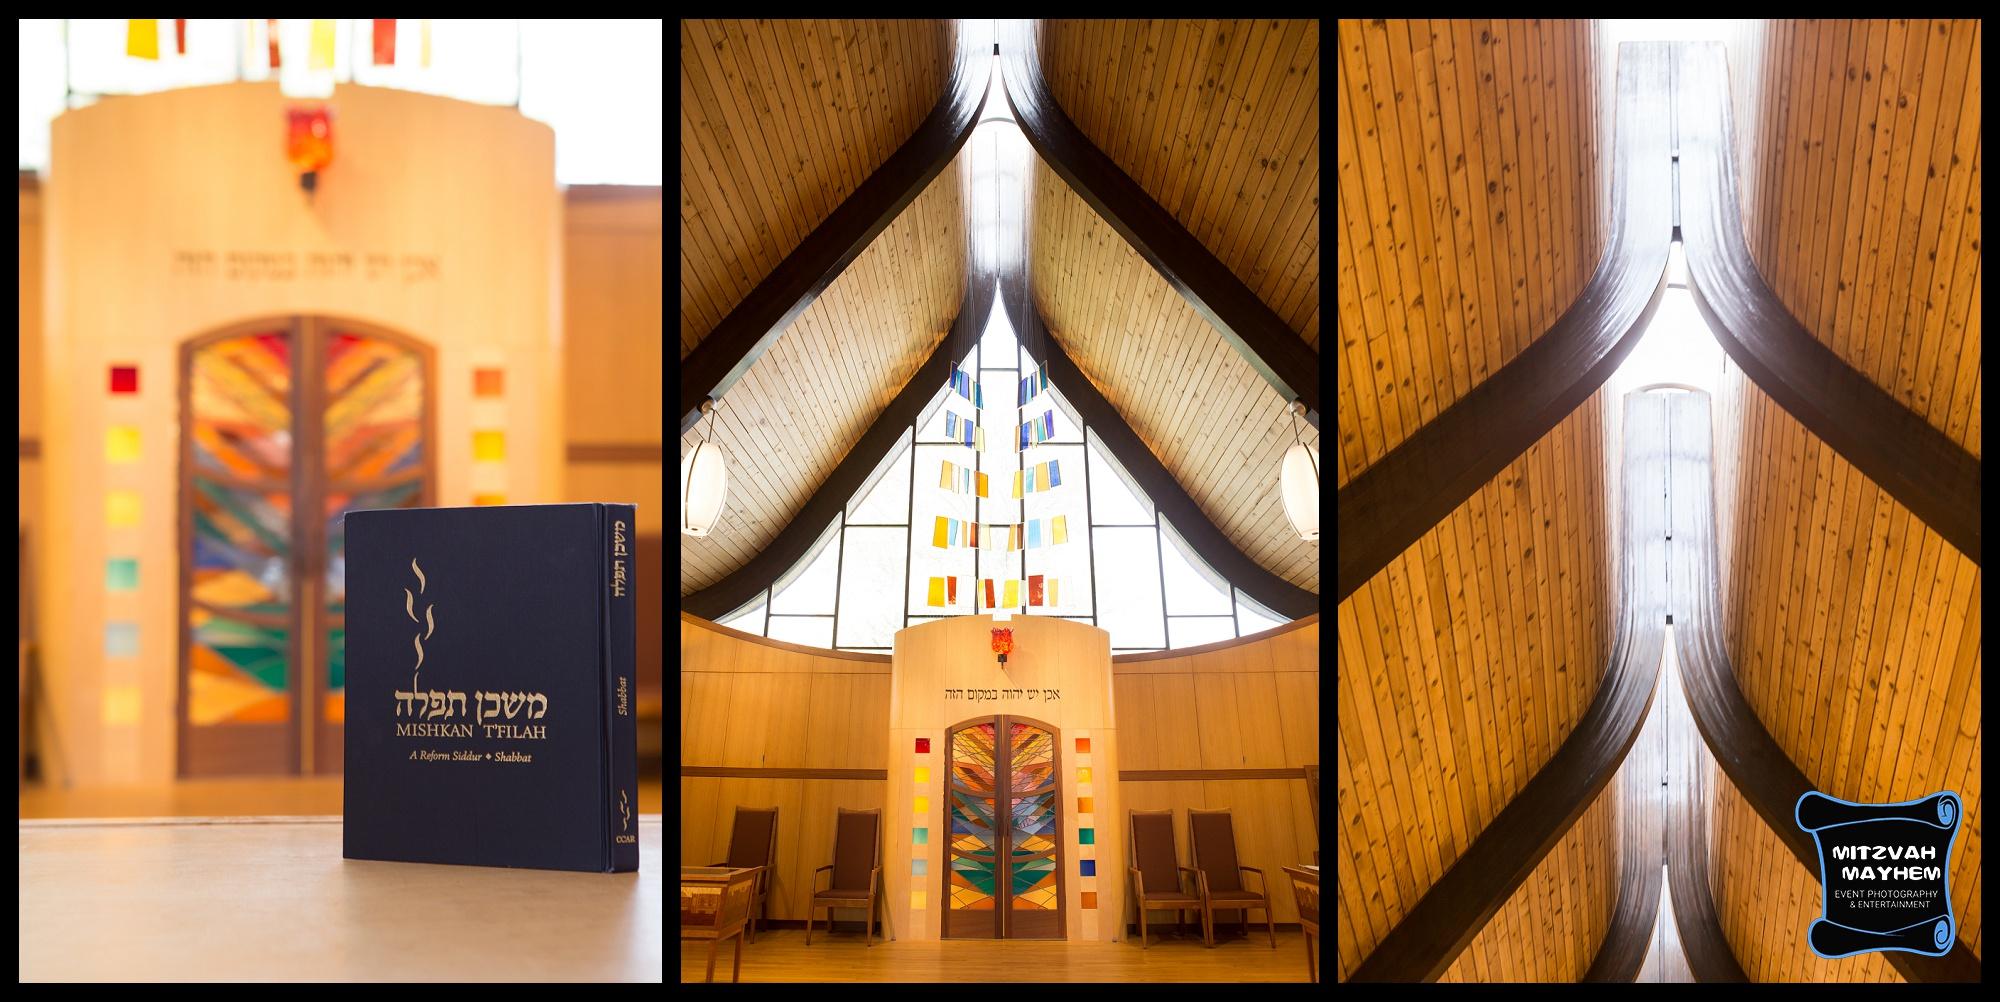 temple-emanu-el-bat-mitzvah-nj-5072.jpg